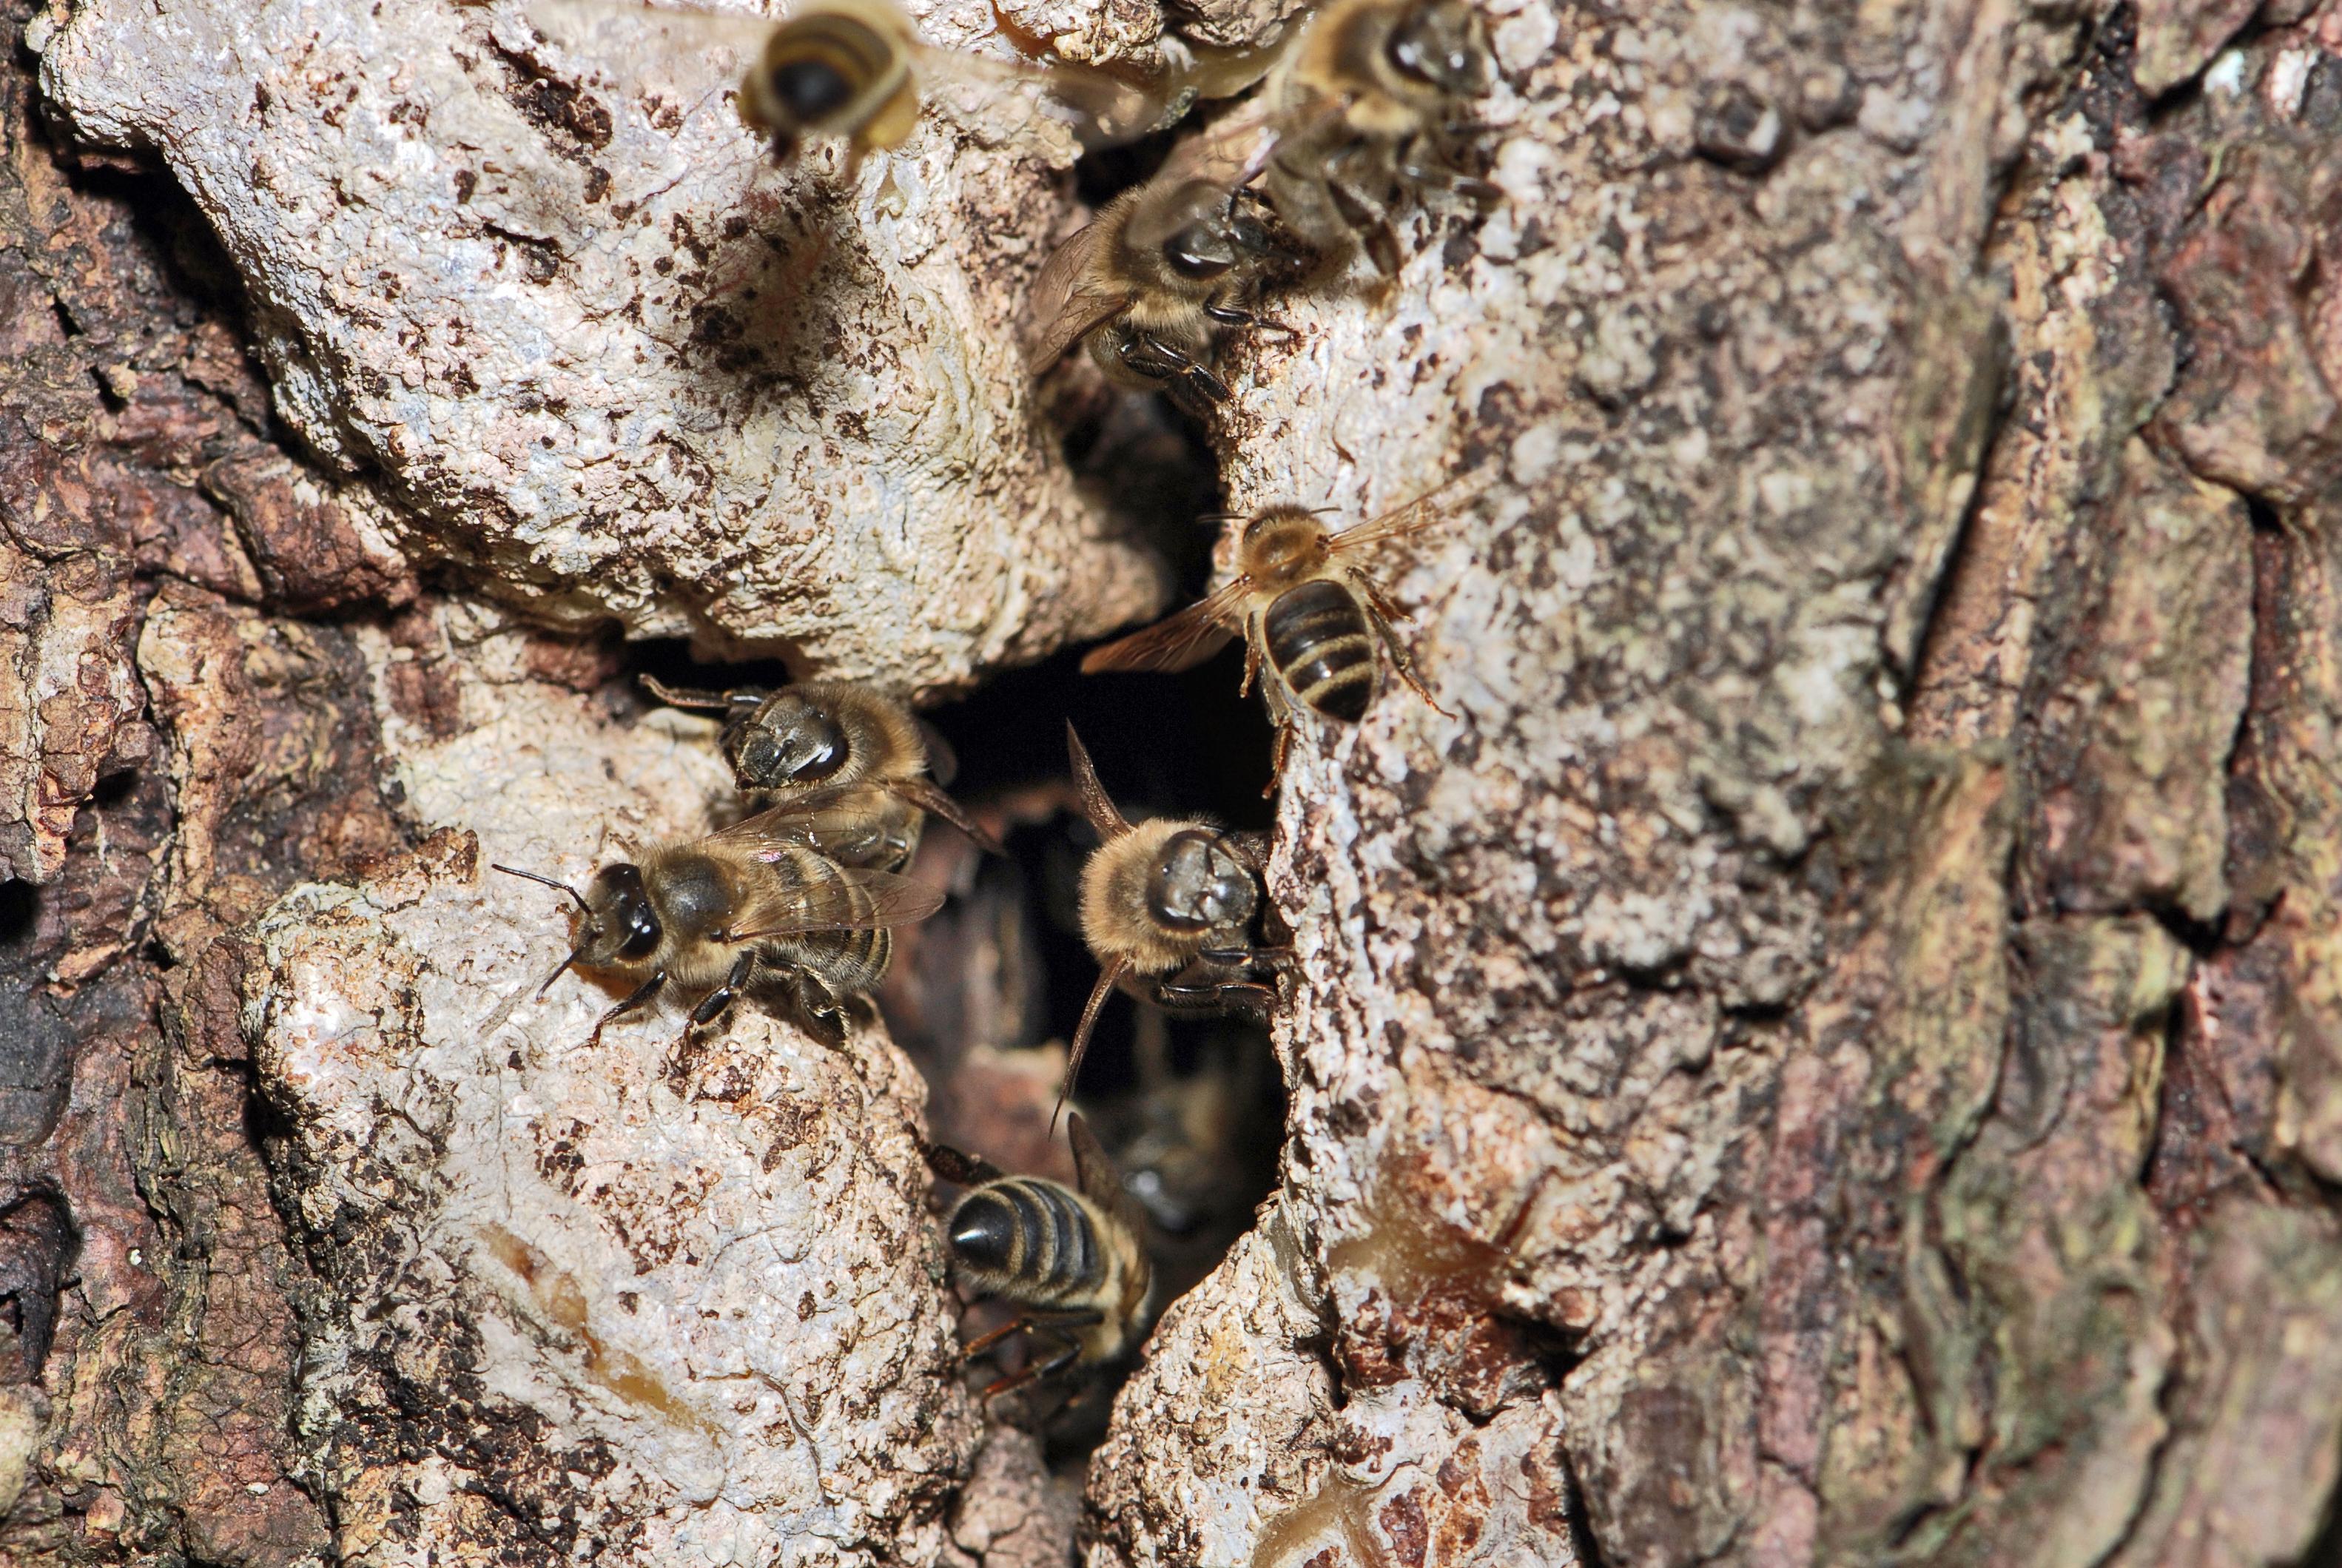 Luonnossa pesiviä Pohjolan mehiläisiä. Kuvan ottanut Ernie on antanut sen vapaaseen käyttöön.